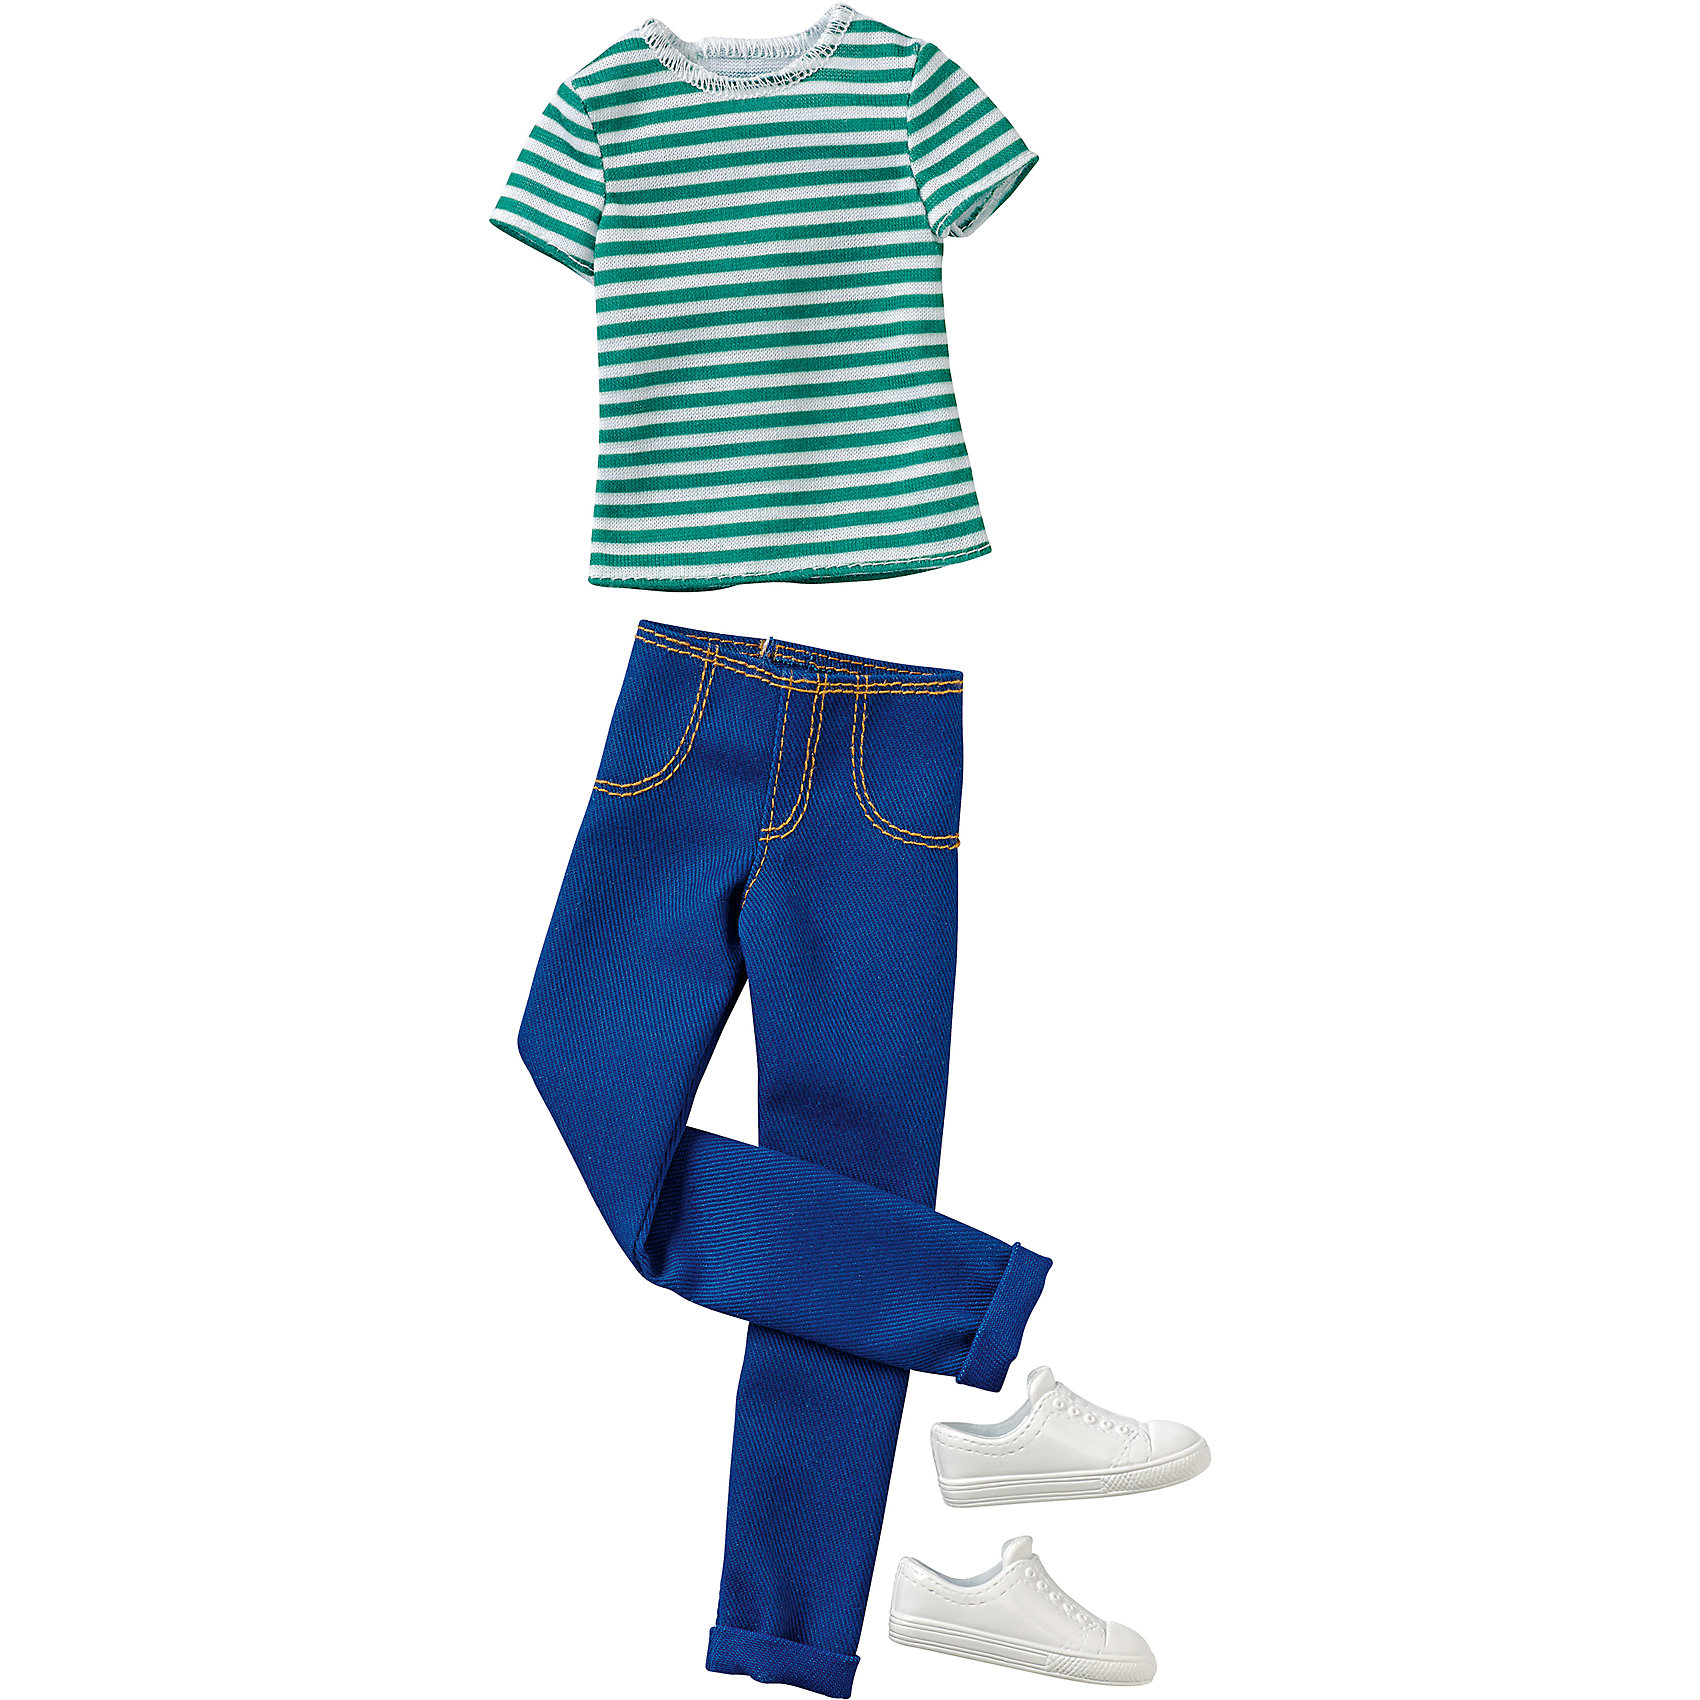 Одежда для Кена, BarbieКукольная одежда и аксессуары<br>Набор одежды для друга куклы Barbie - Кена - отличный вариант подарка для любительницы этих кукол. В набор входят стильная футболка (рубашка), шорты (брюки) и обувь. Предметы из разных комплектов можно комбинировать, создавая новые шикарные образы для любимой куклы.<br>Такие игрушки помогают развить мелкую моторику, логическое мышление и воображение ребенка. Эта игрушка выполнена из текстиля и высококачественного прочного пластика, безопасного для детей, отлично детализирована.<br><br>Дополнительная информация:<br><br>комплектация: стильная футболка (рубашка), шорты (брюки) и обувь, пара туфель; <br>цвет: разноцветный;<br>материал: пластик, текстиль;<br>кукла продается отдельно!<br><br>Одежду для Кена, Barbie от компании Mattel можно купить в нашем магазине.<br><br>Ширина мм: 258<br>Глубина мм: 114<br>Высота мм: 17<br>Вес г: 33<br>Возраст от месяцев: 36<br>Возраст до месяцев: 96<br>Пол: Женский<br>Возраст: Детский<br>SKU: 4918795